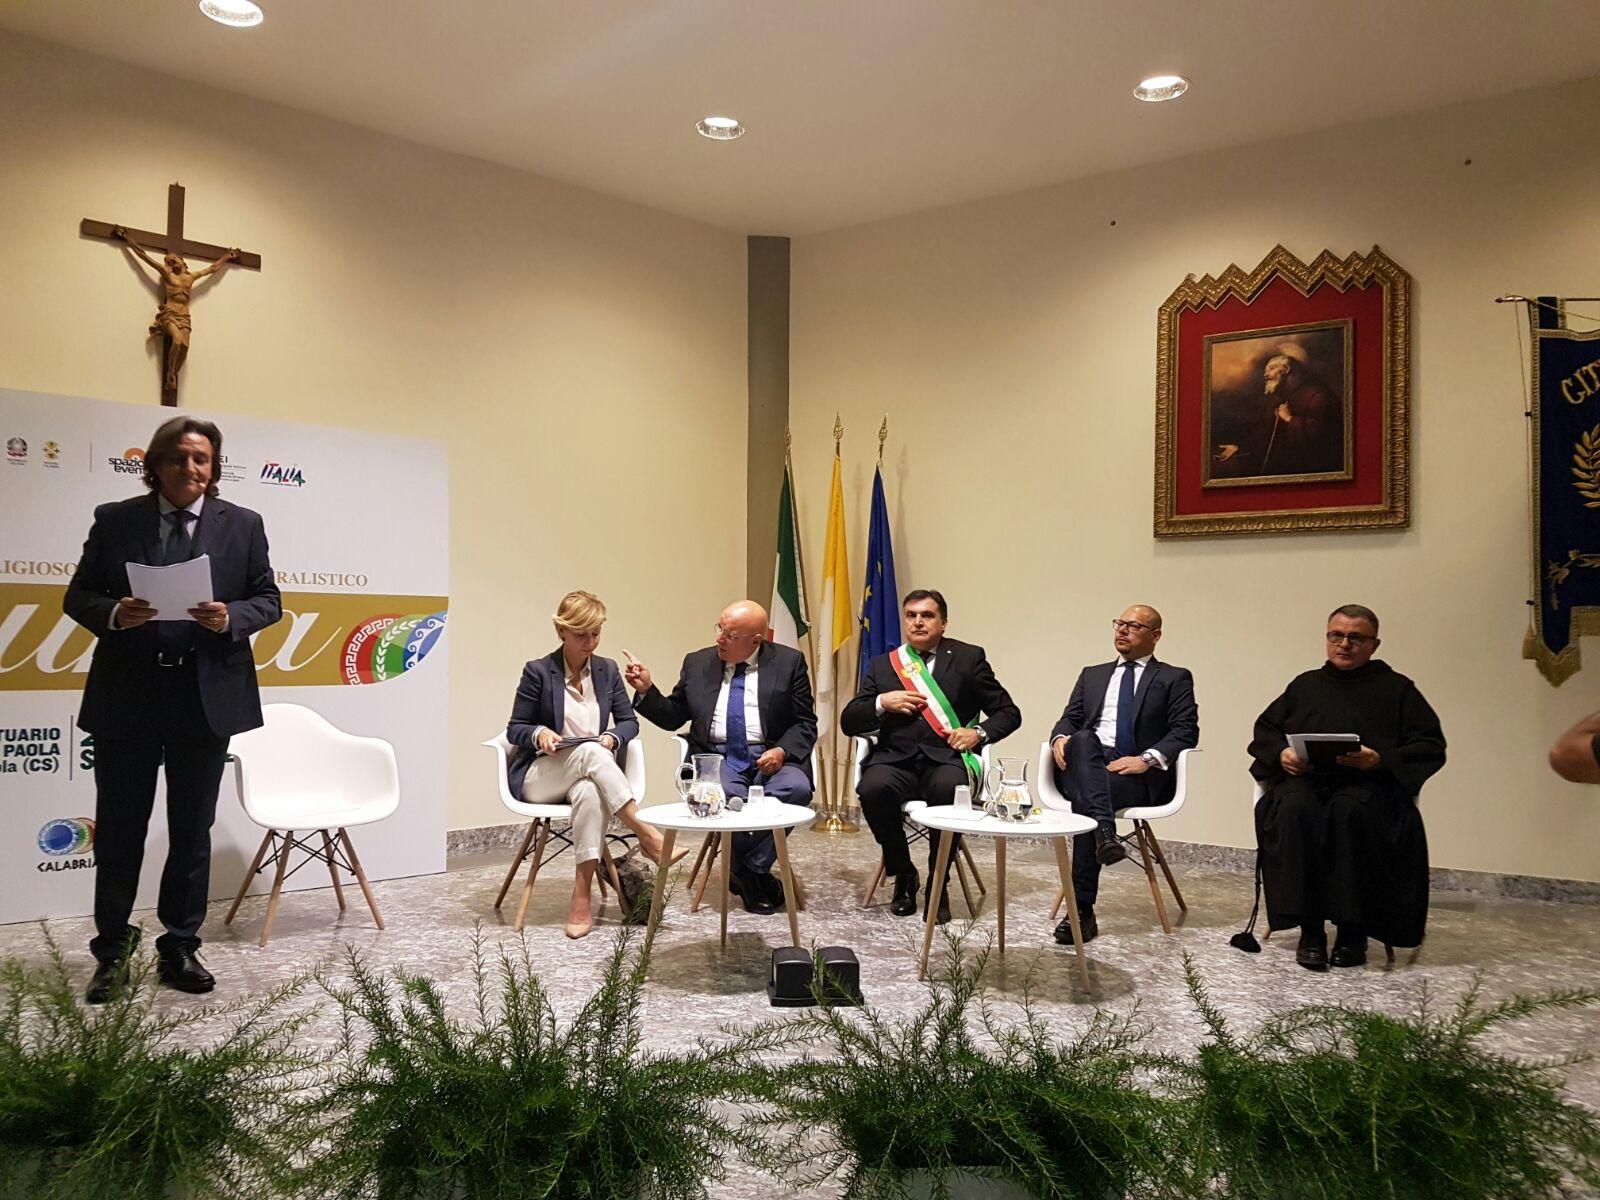 """dc76feee9d 2017-09-27-PHOTO-00000016.jpg. Paola - Torna in Calabria """"Aurea- La borsa  italiana del Turismo, Religioso e ..."""